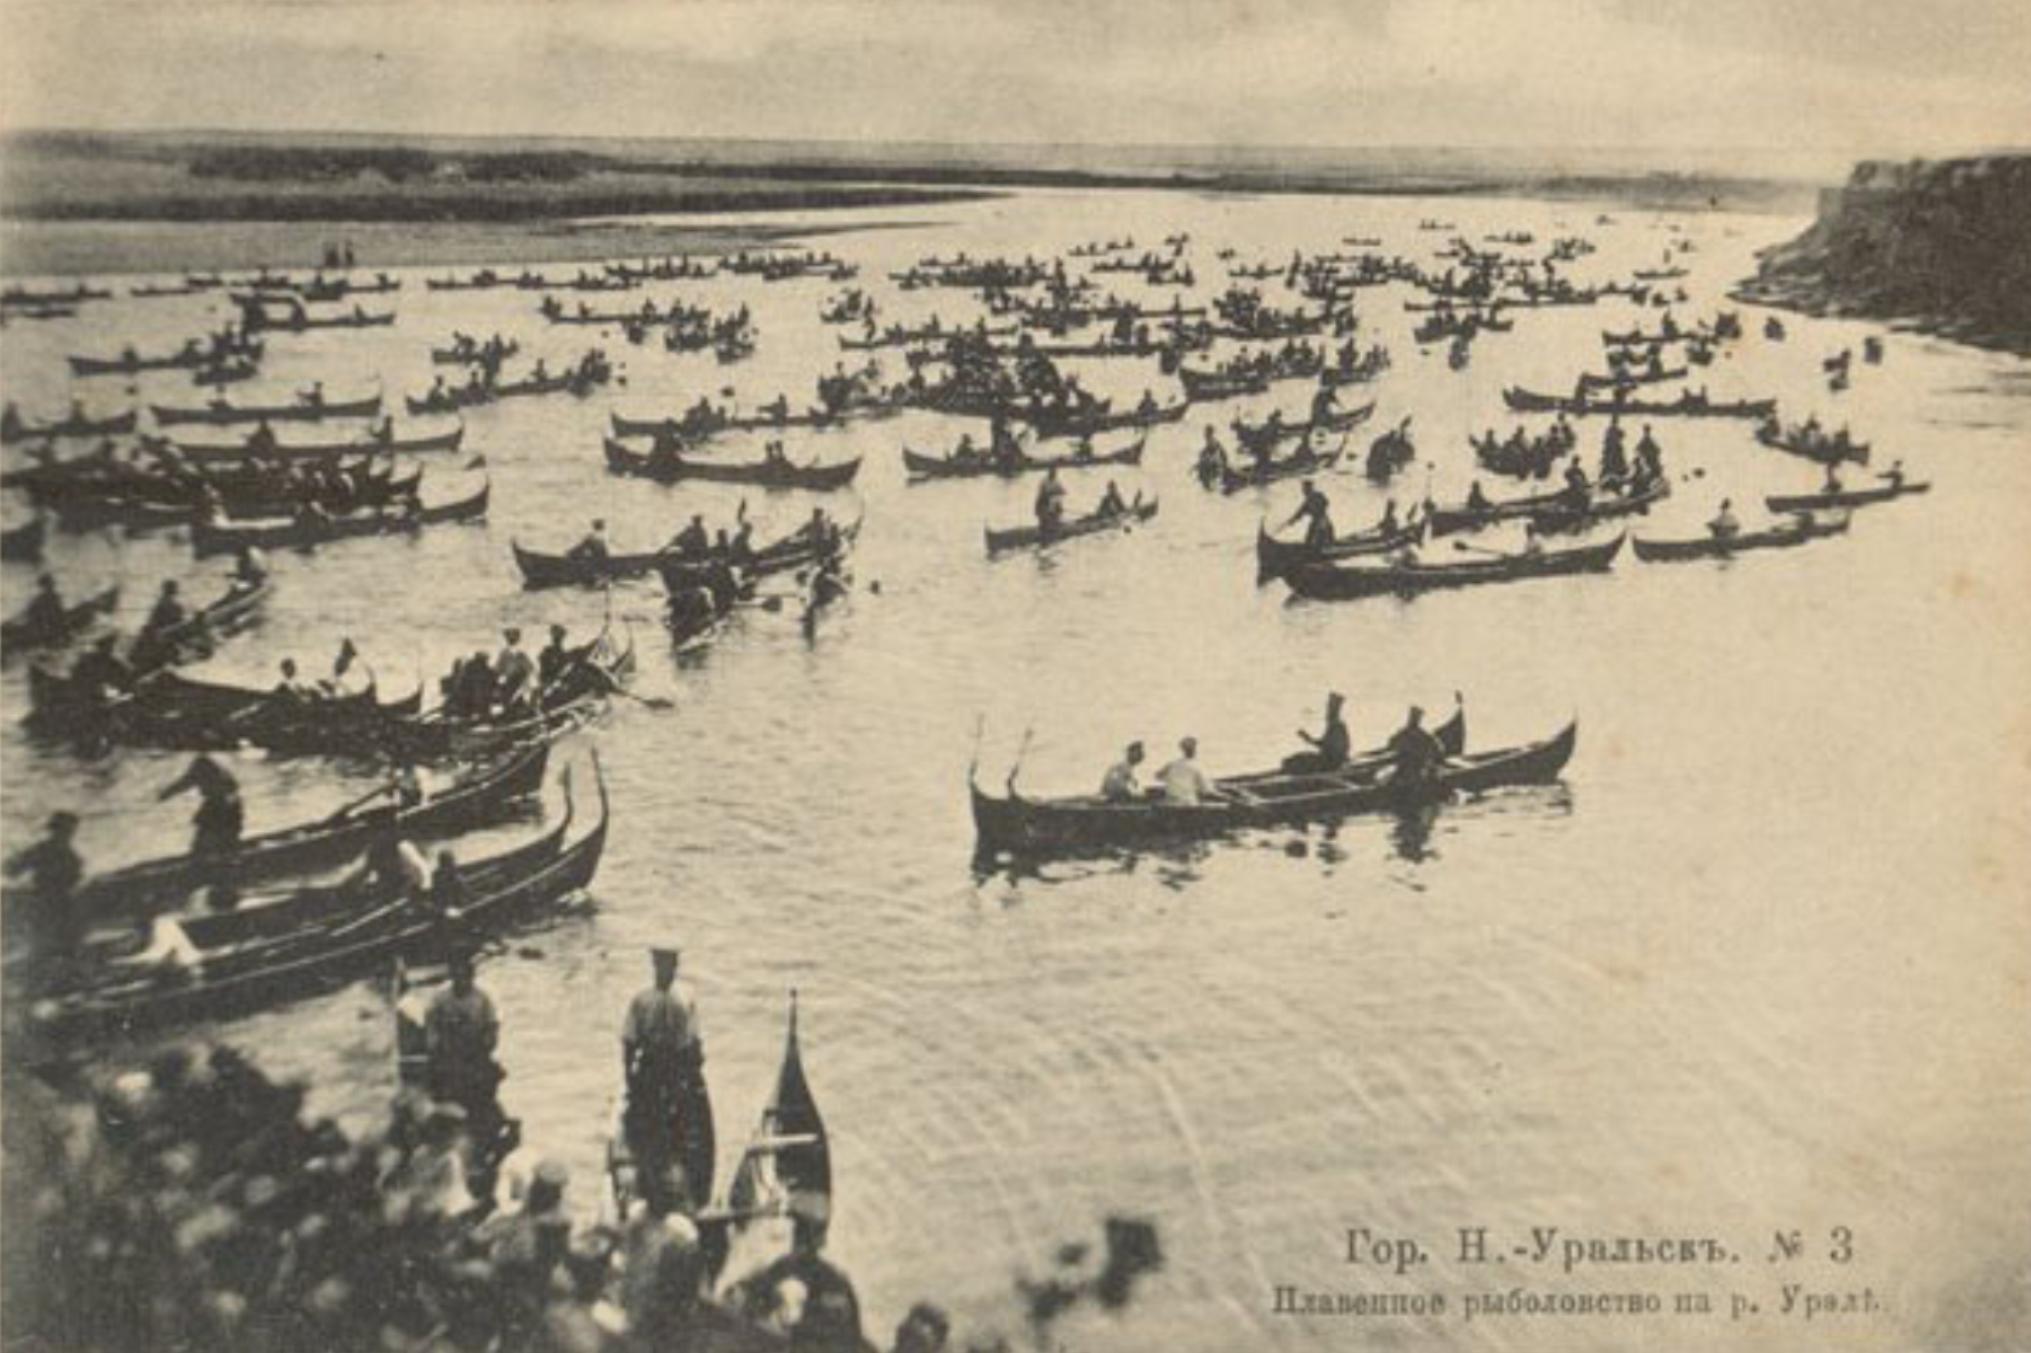 Плавенное рыболовство на Урале